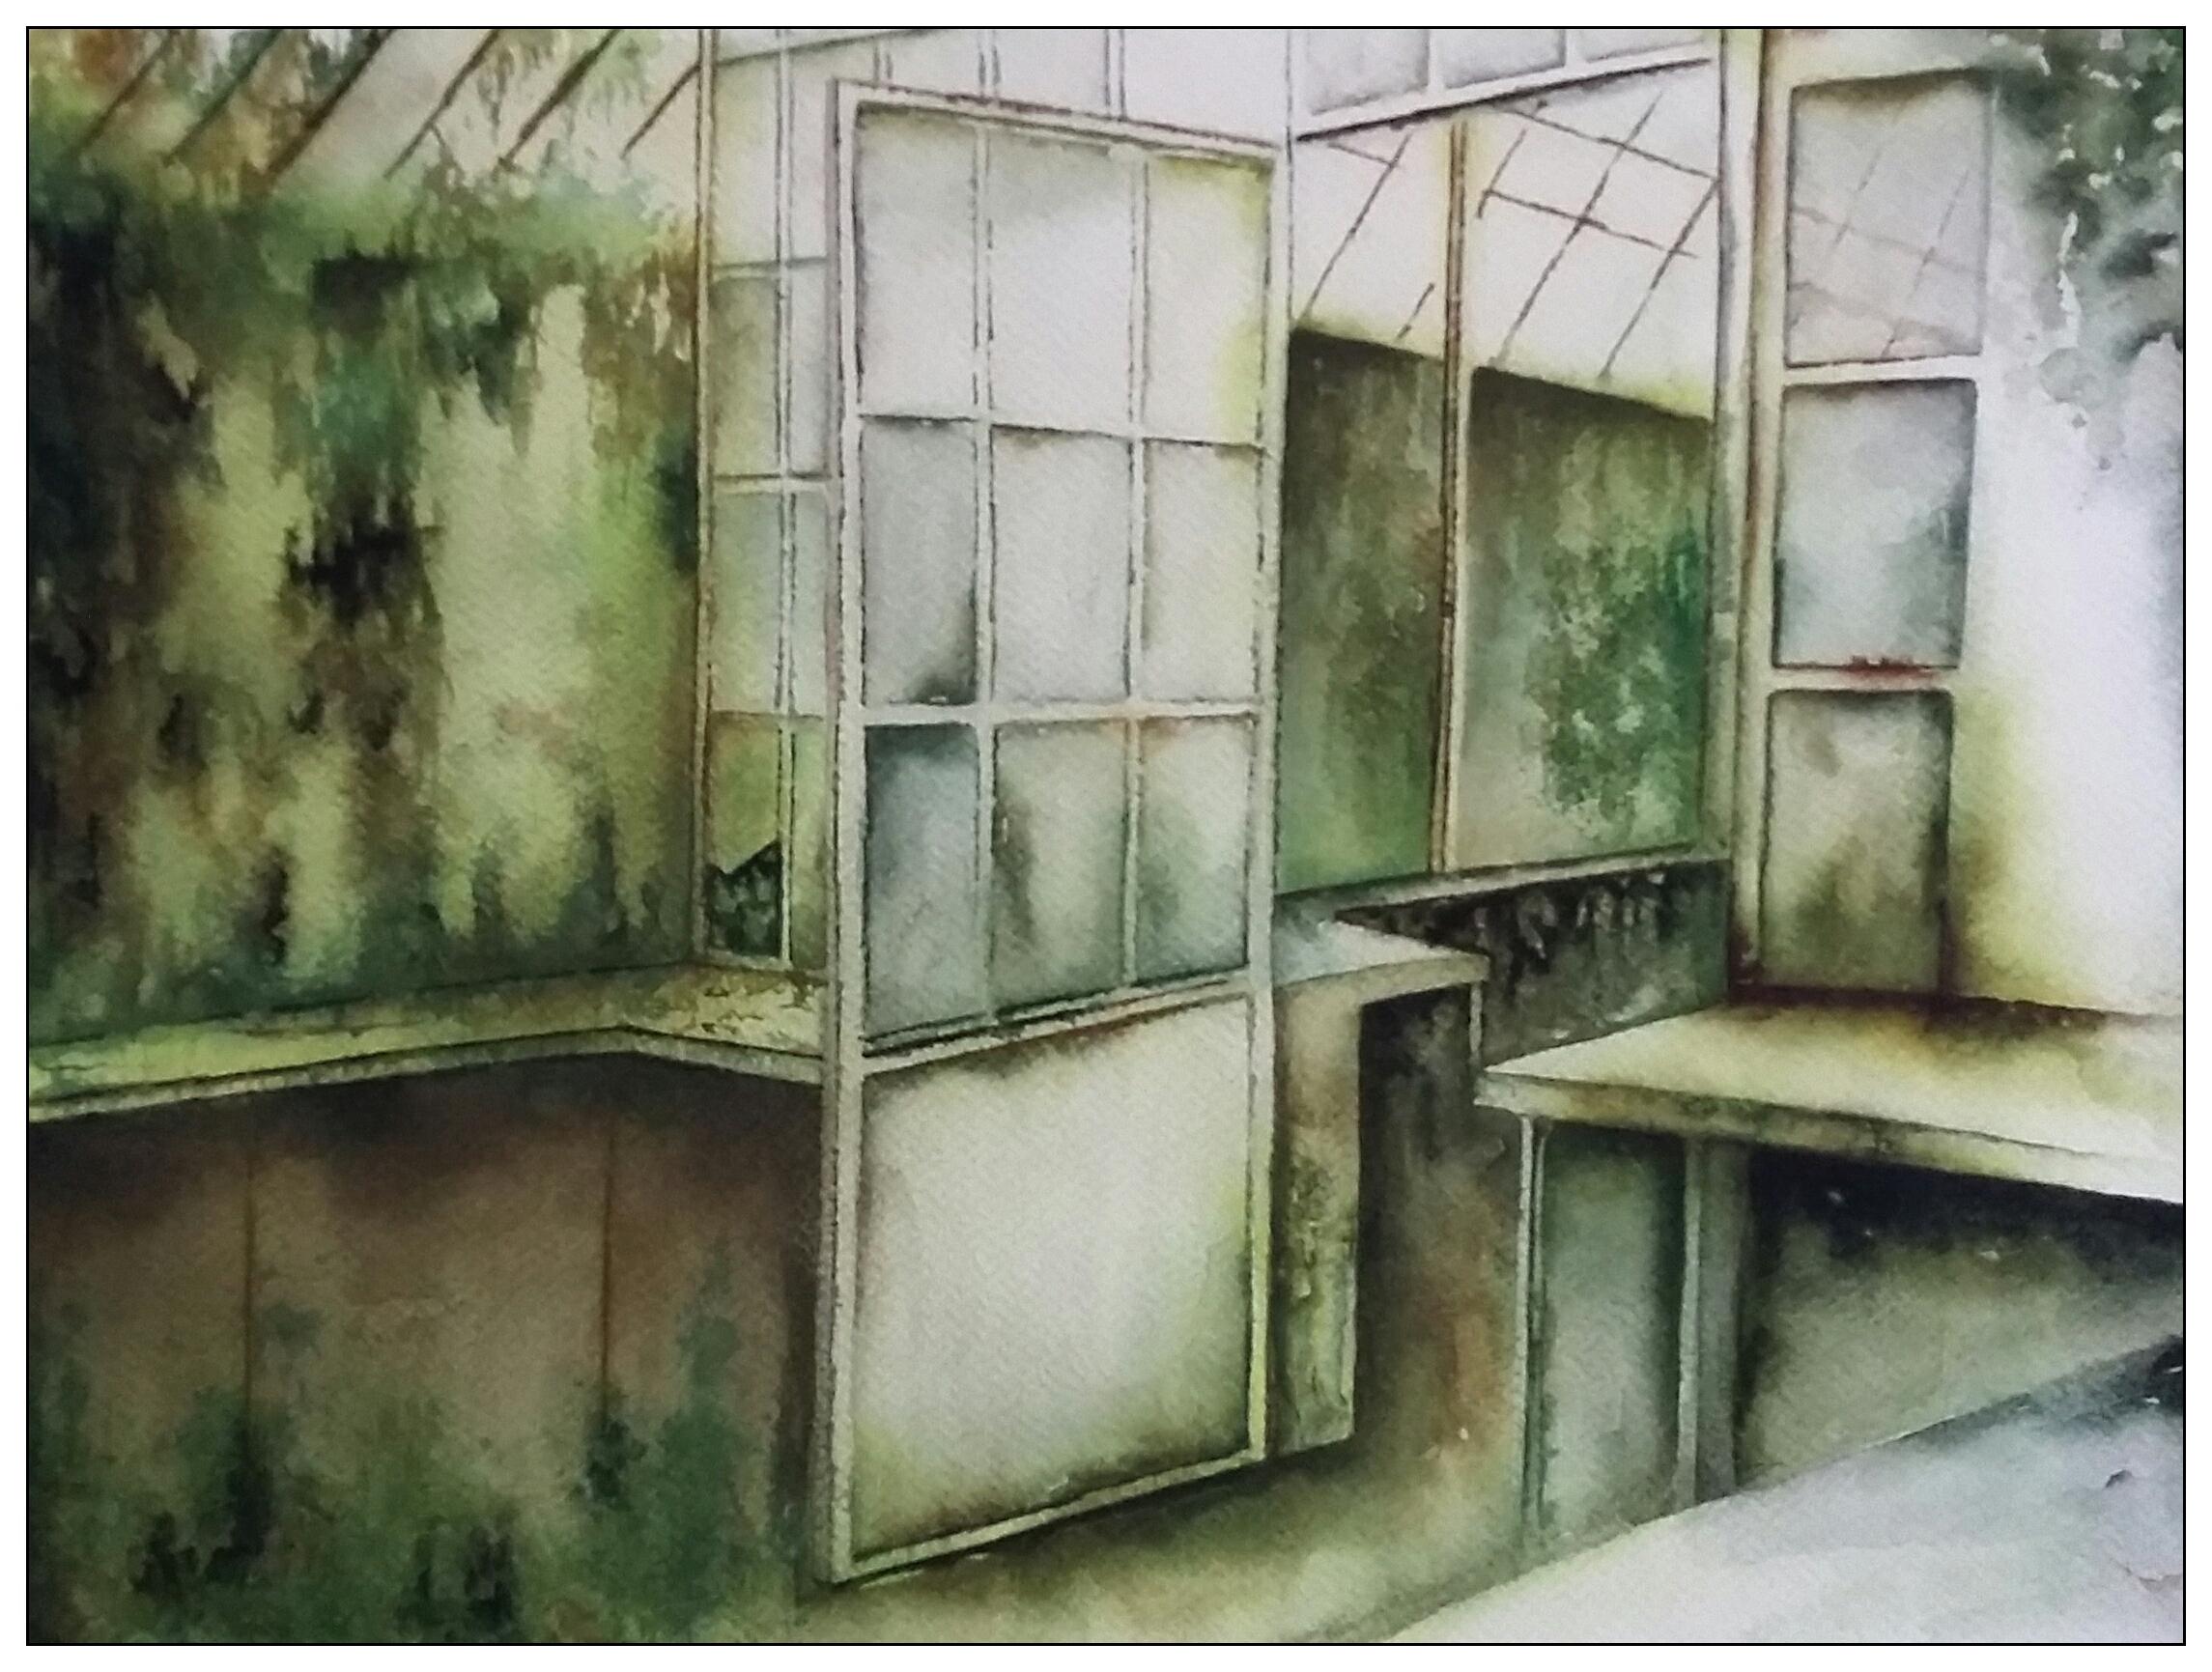 Figeac : Exposition de Peintures, Photos et Land Art Rue des Tonneliers